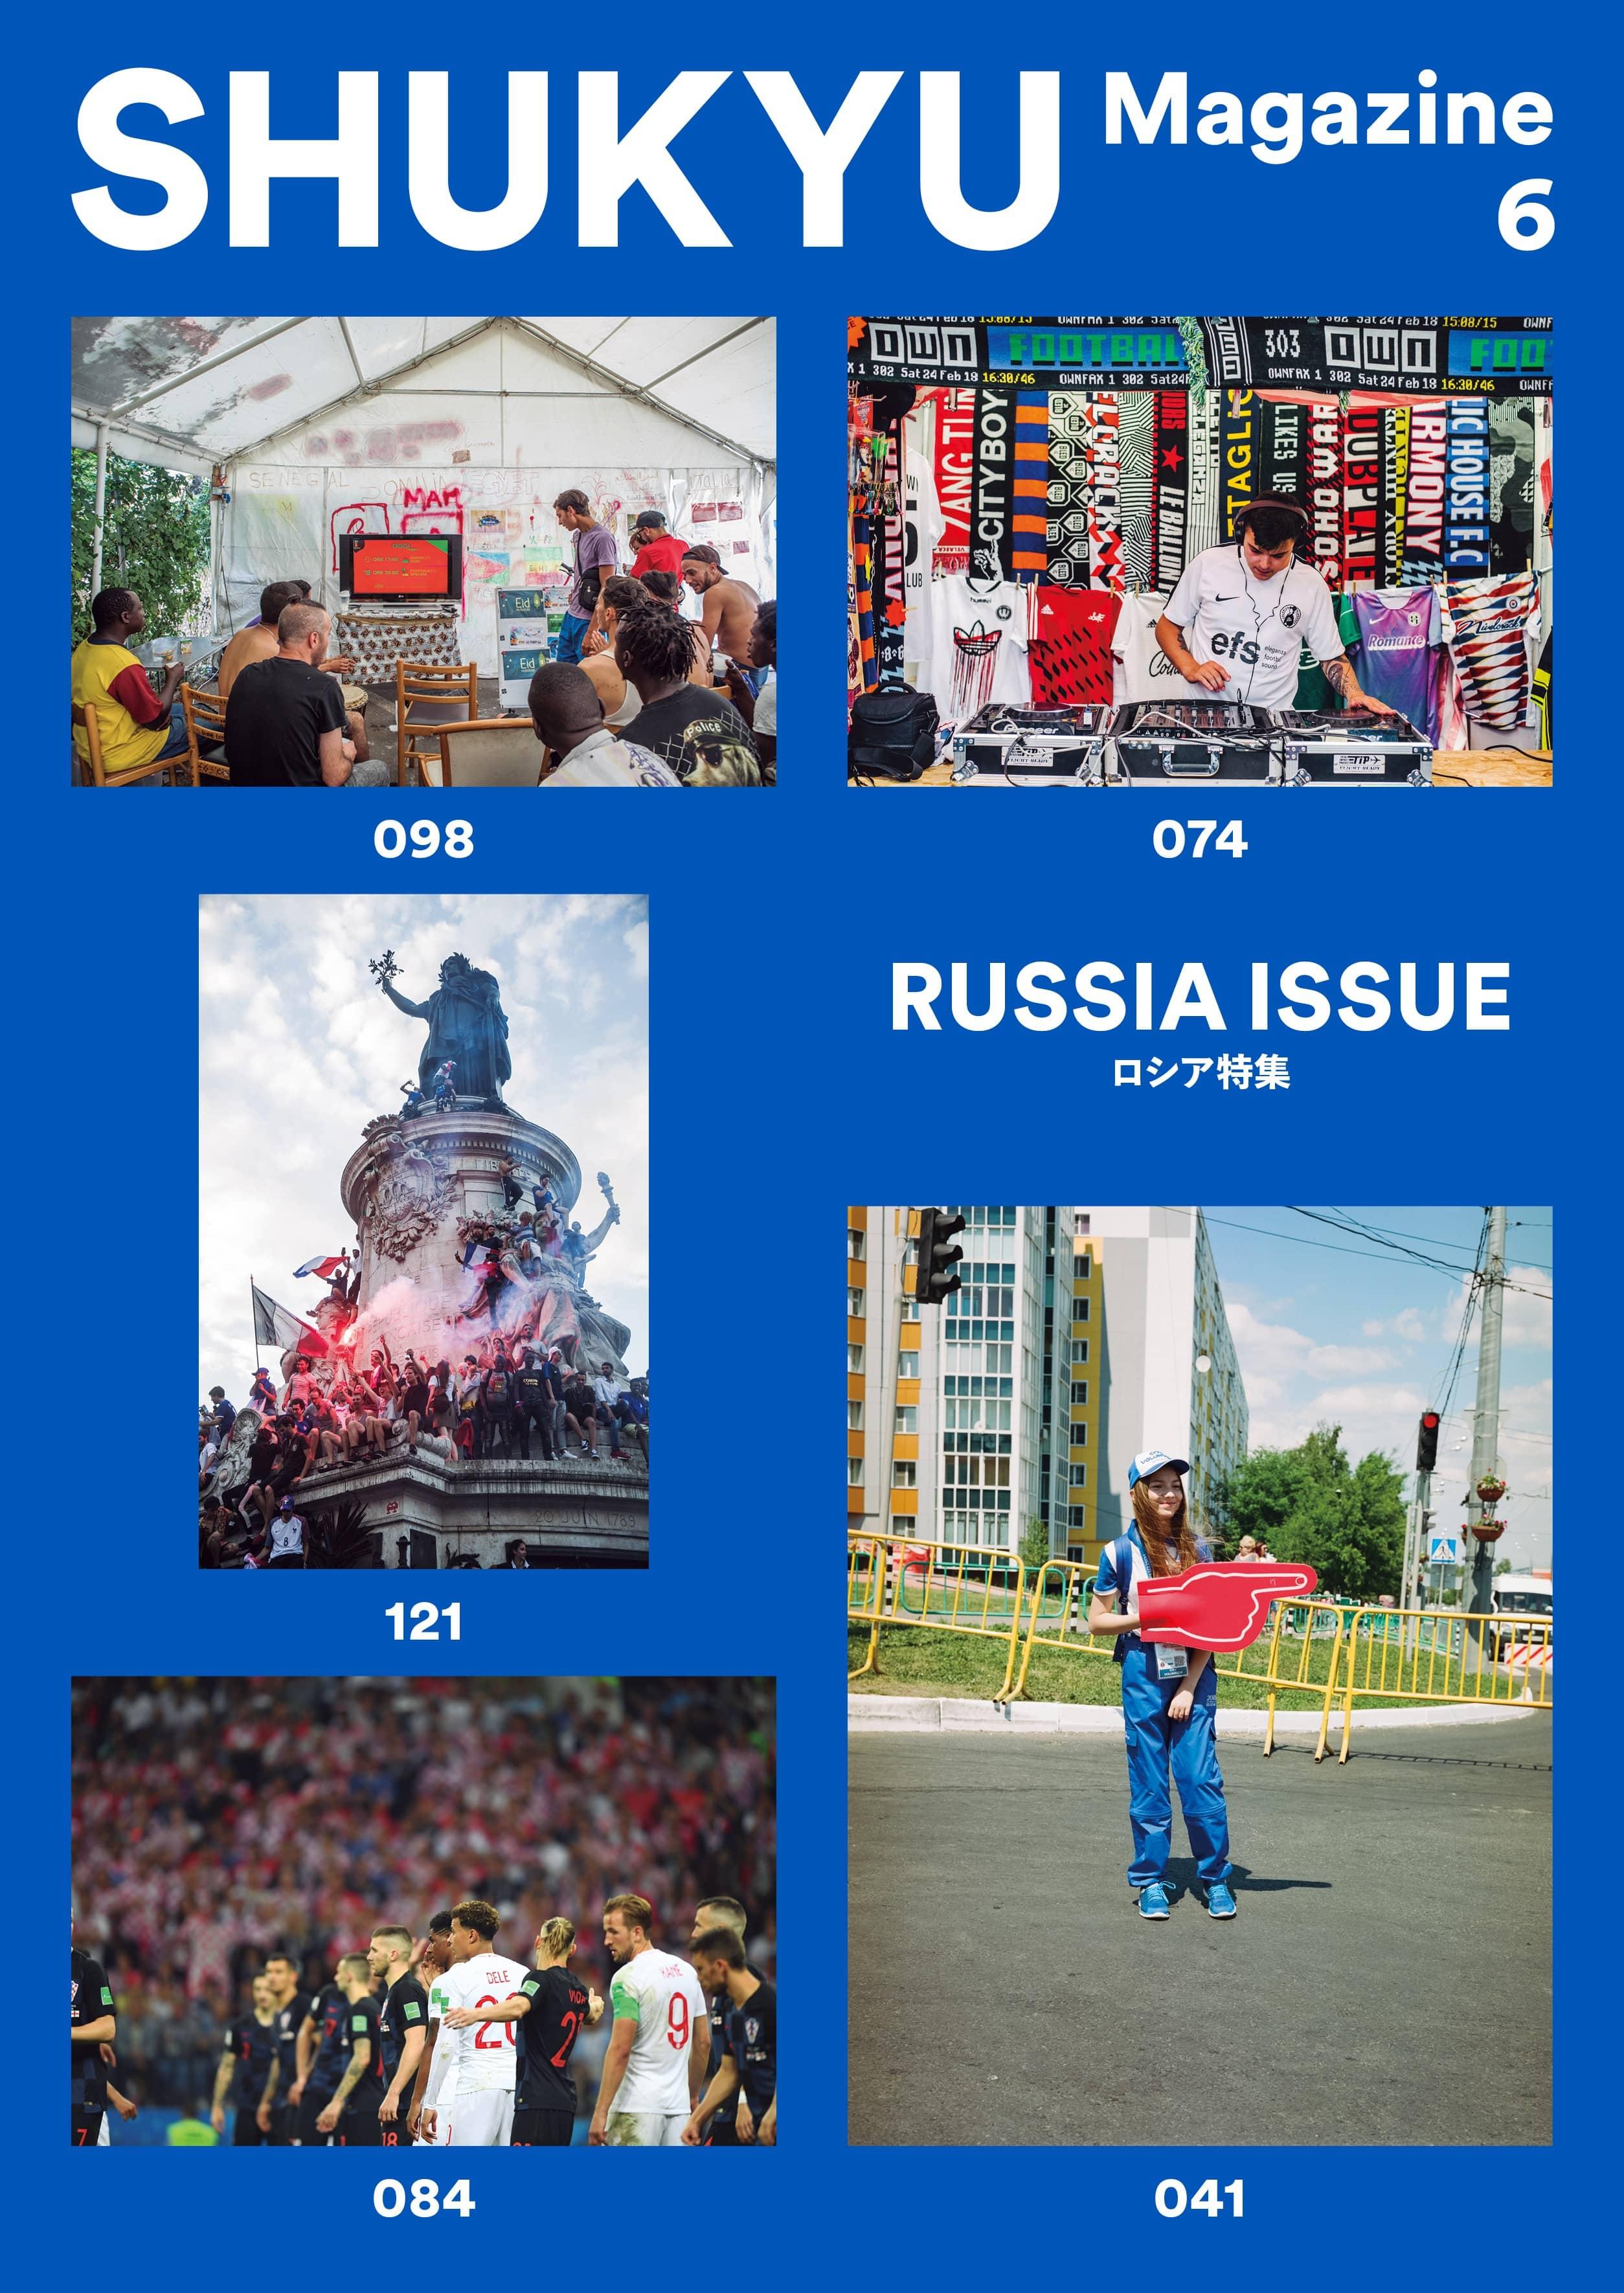 SHUKYU Magazine RUSSIA ISSUE